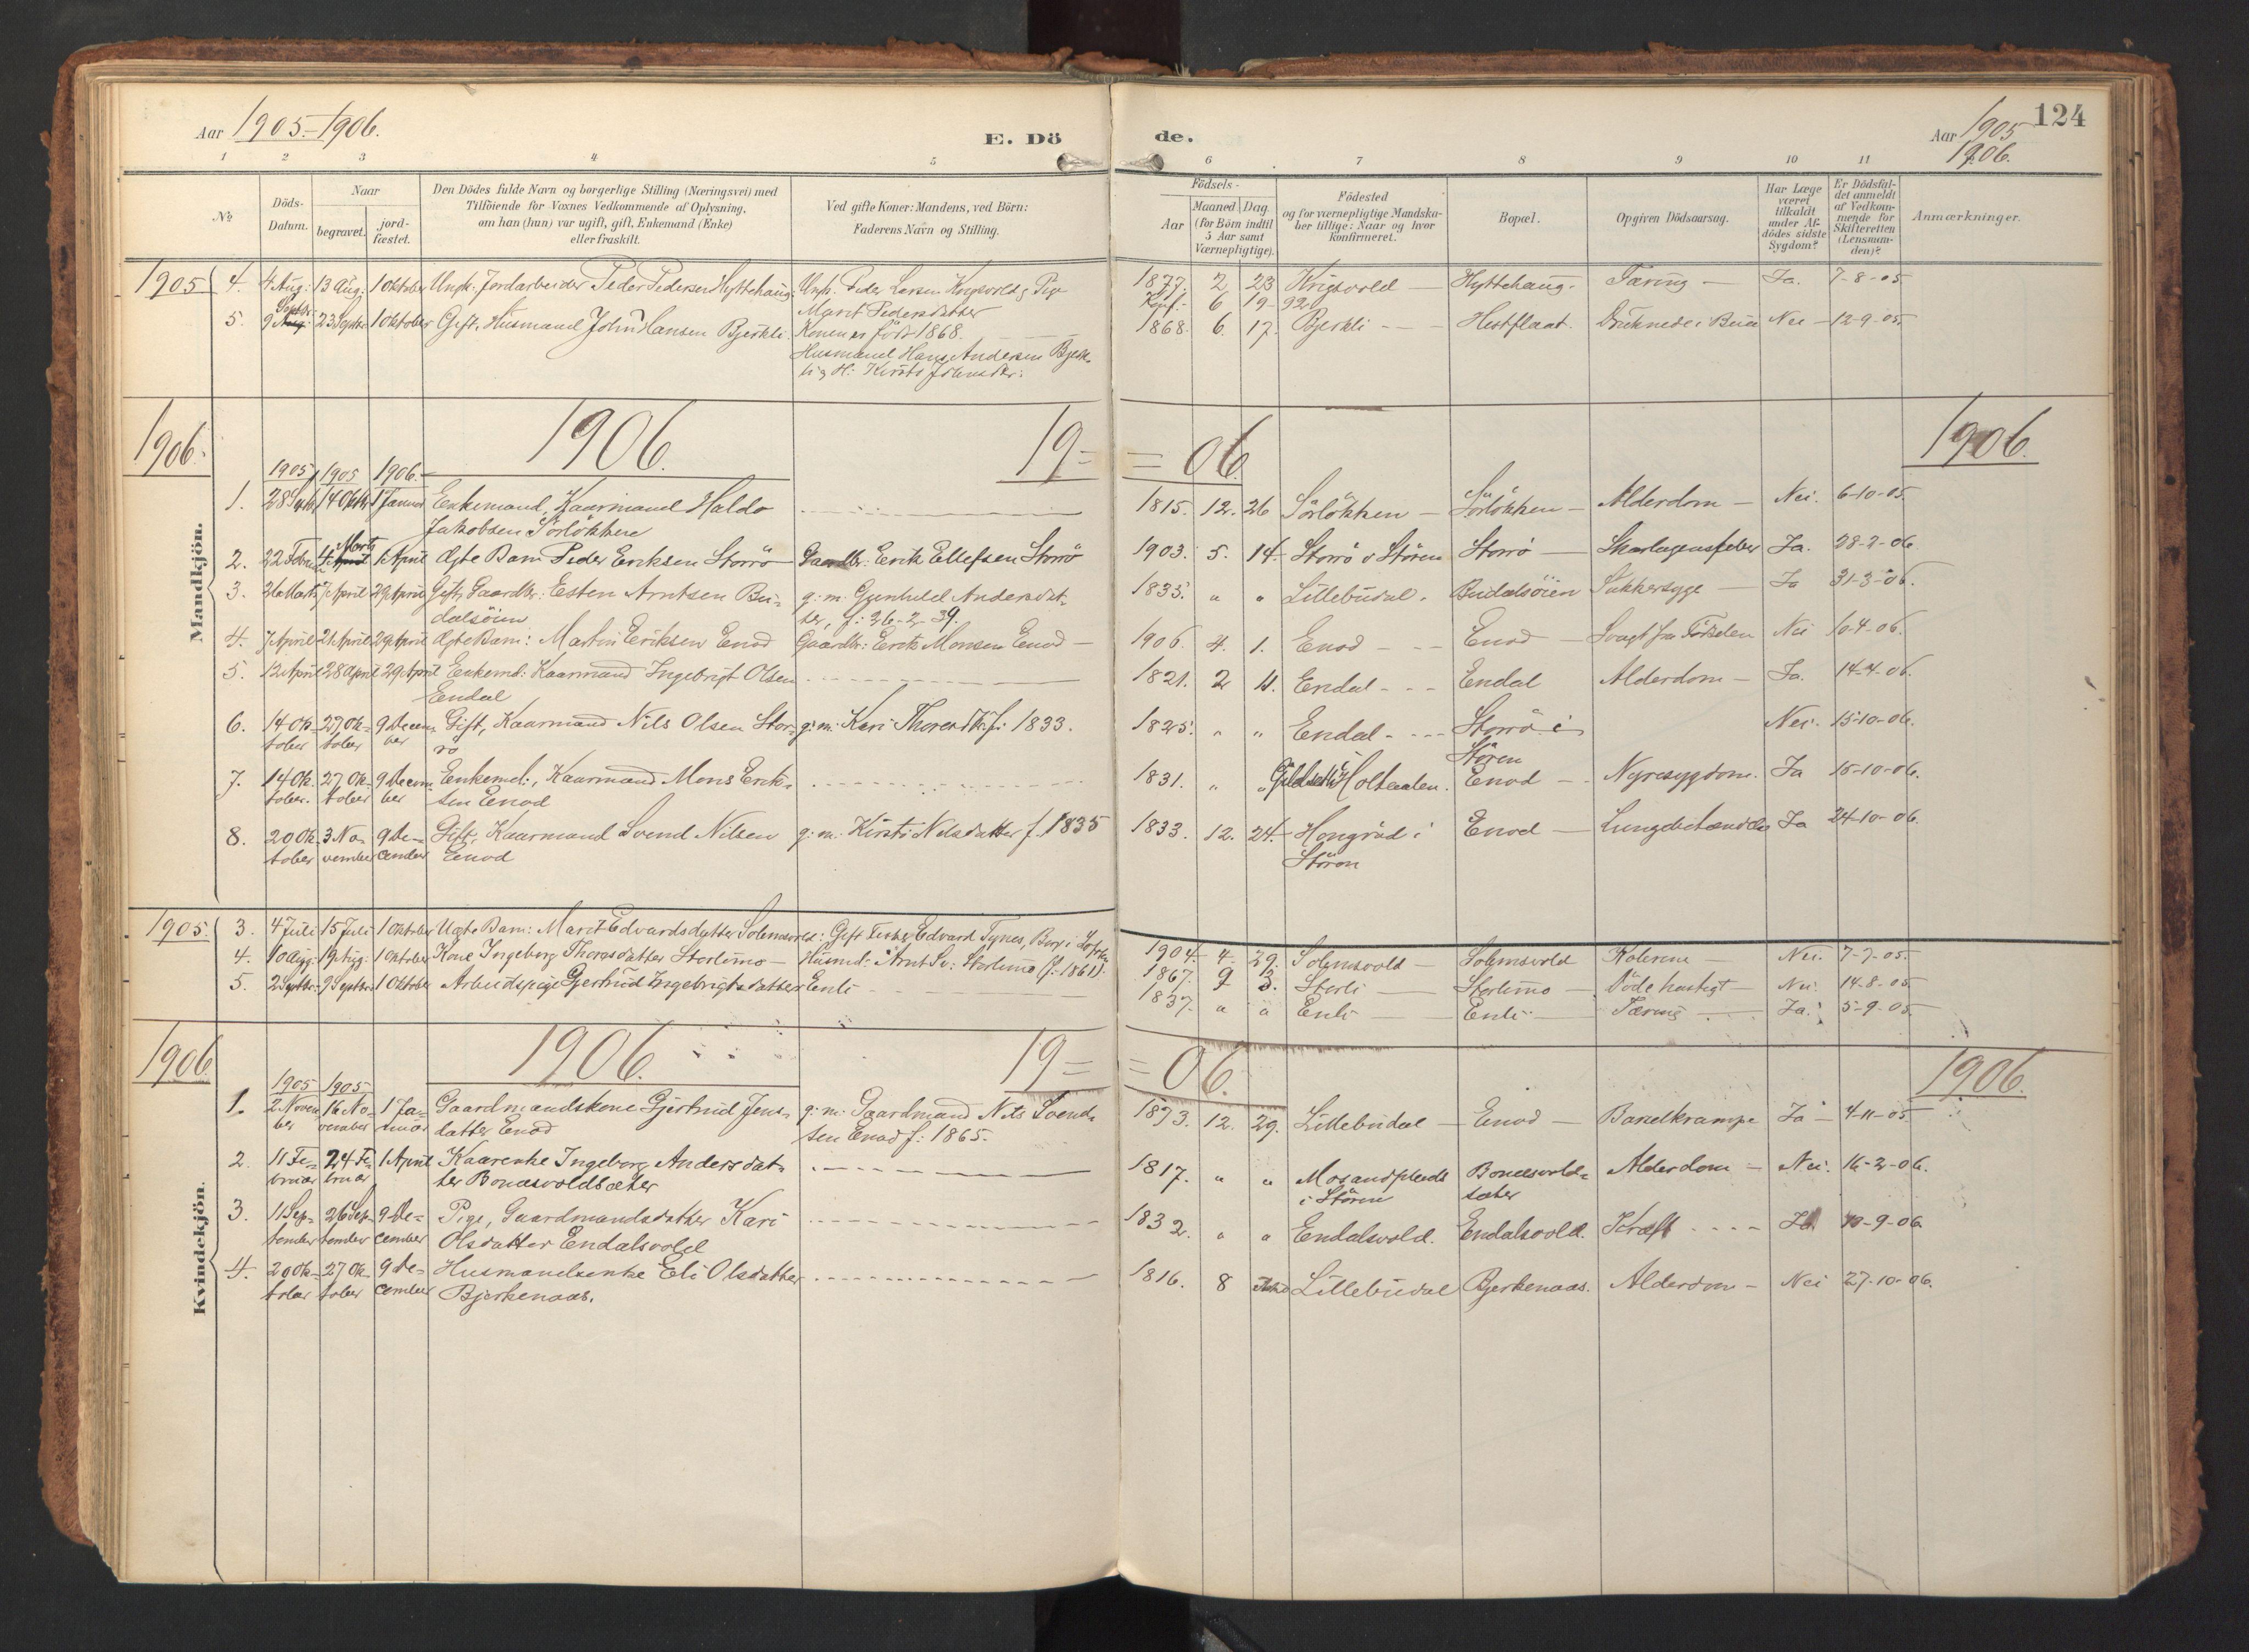 SAT, Ministerialprotokoller, klokkerbøker og fødselsregistre - Sør-Trøndelag, 690/L1050: Ministerialbok nr. 690A01, 1889-1929, s. 124